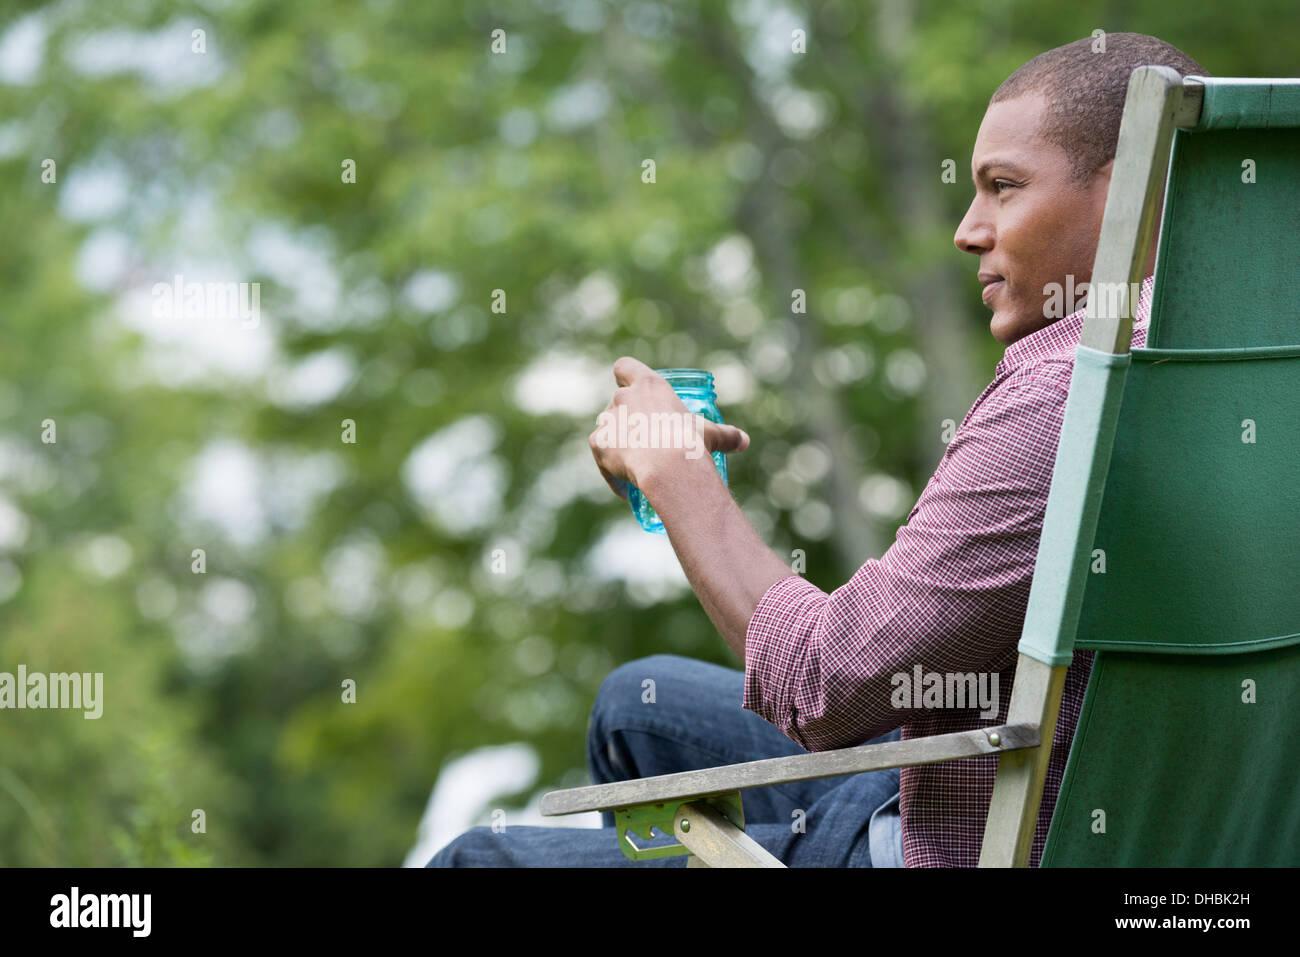 Un homme assis sur une chaise dans un jardin, se détendre. Photo Stock